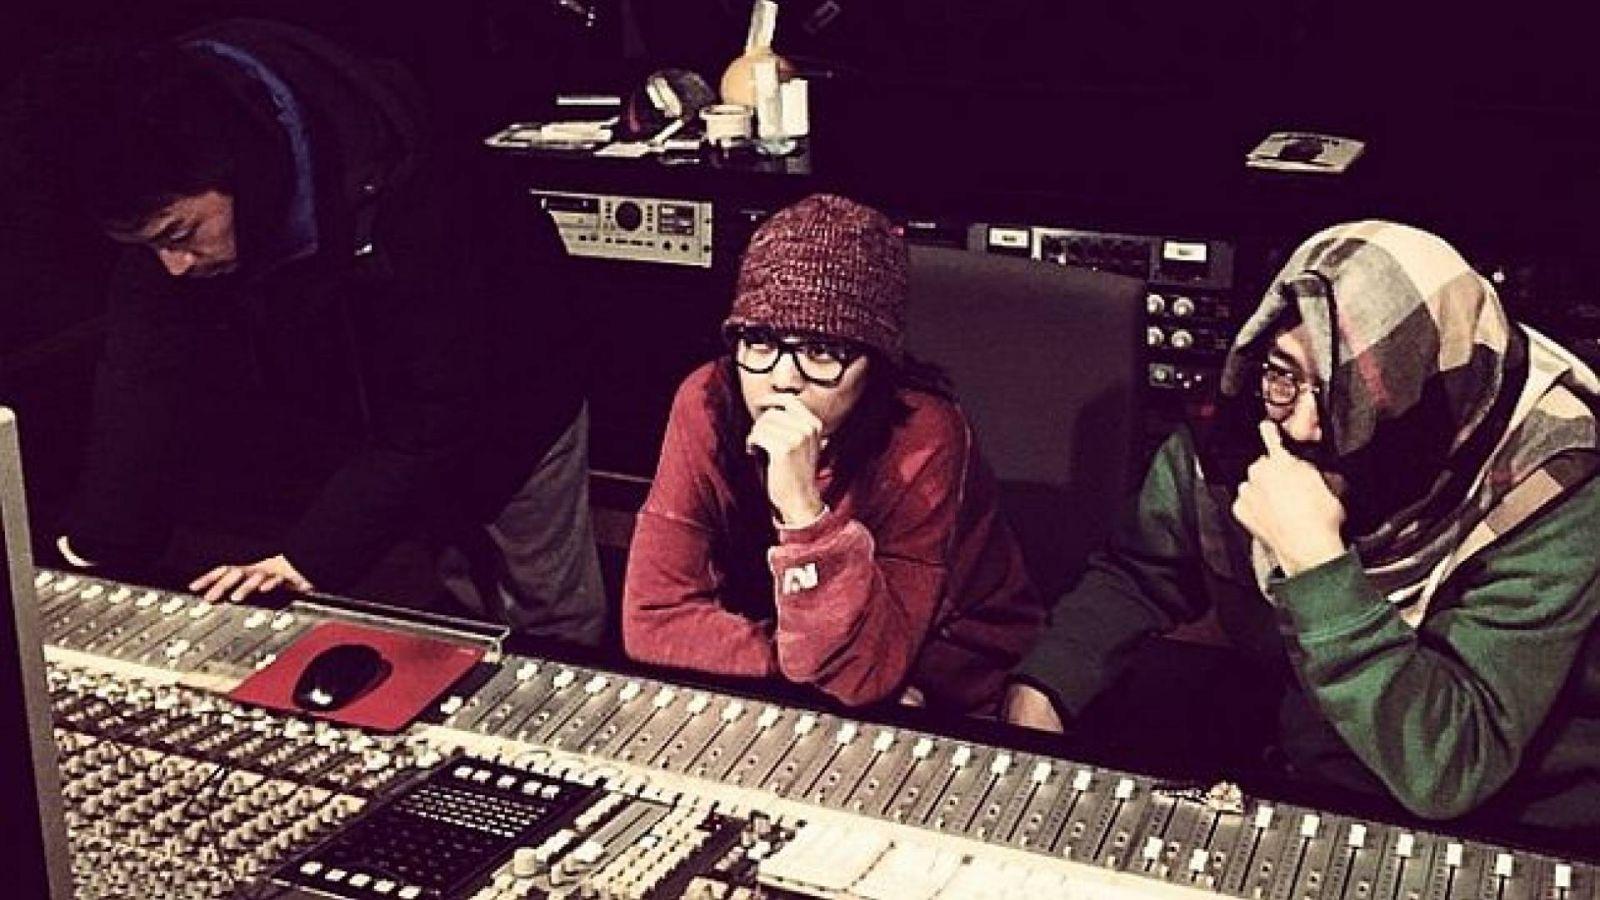 MFBTY faz lançamento após mais de 2 anos © Yoon Mi Rae Official Instagram